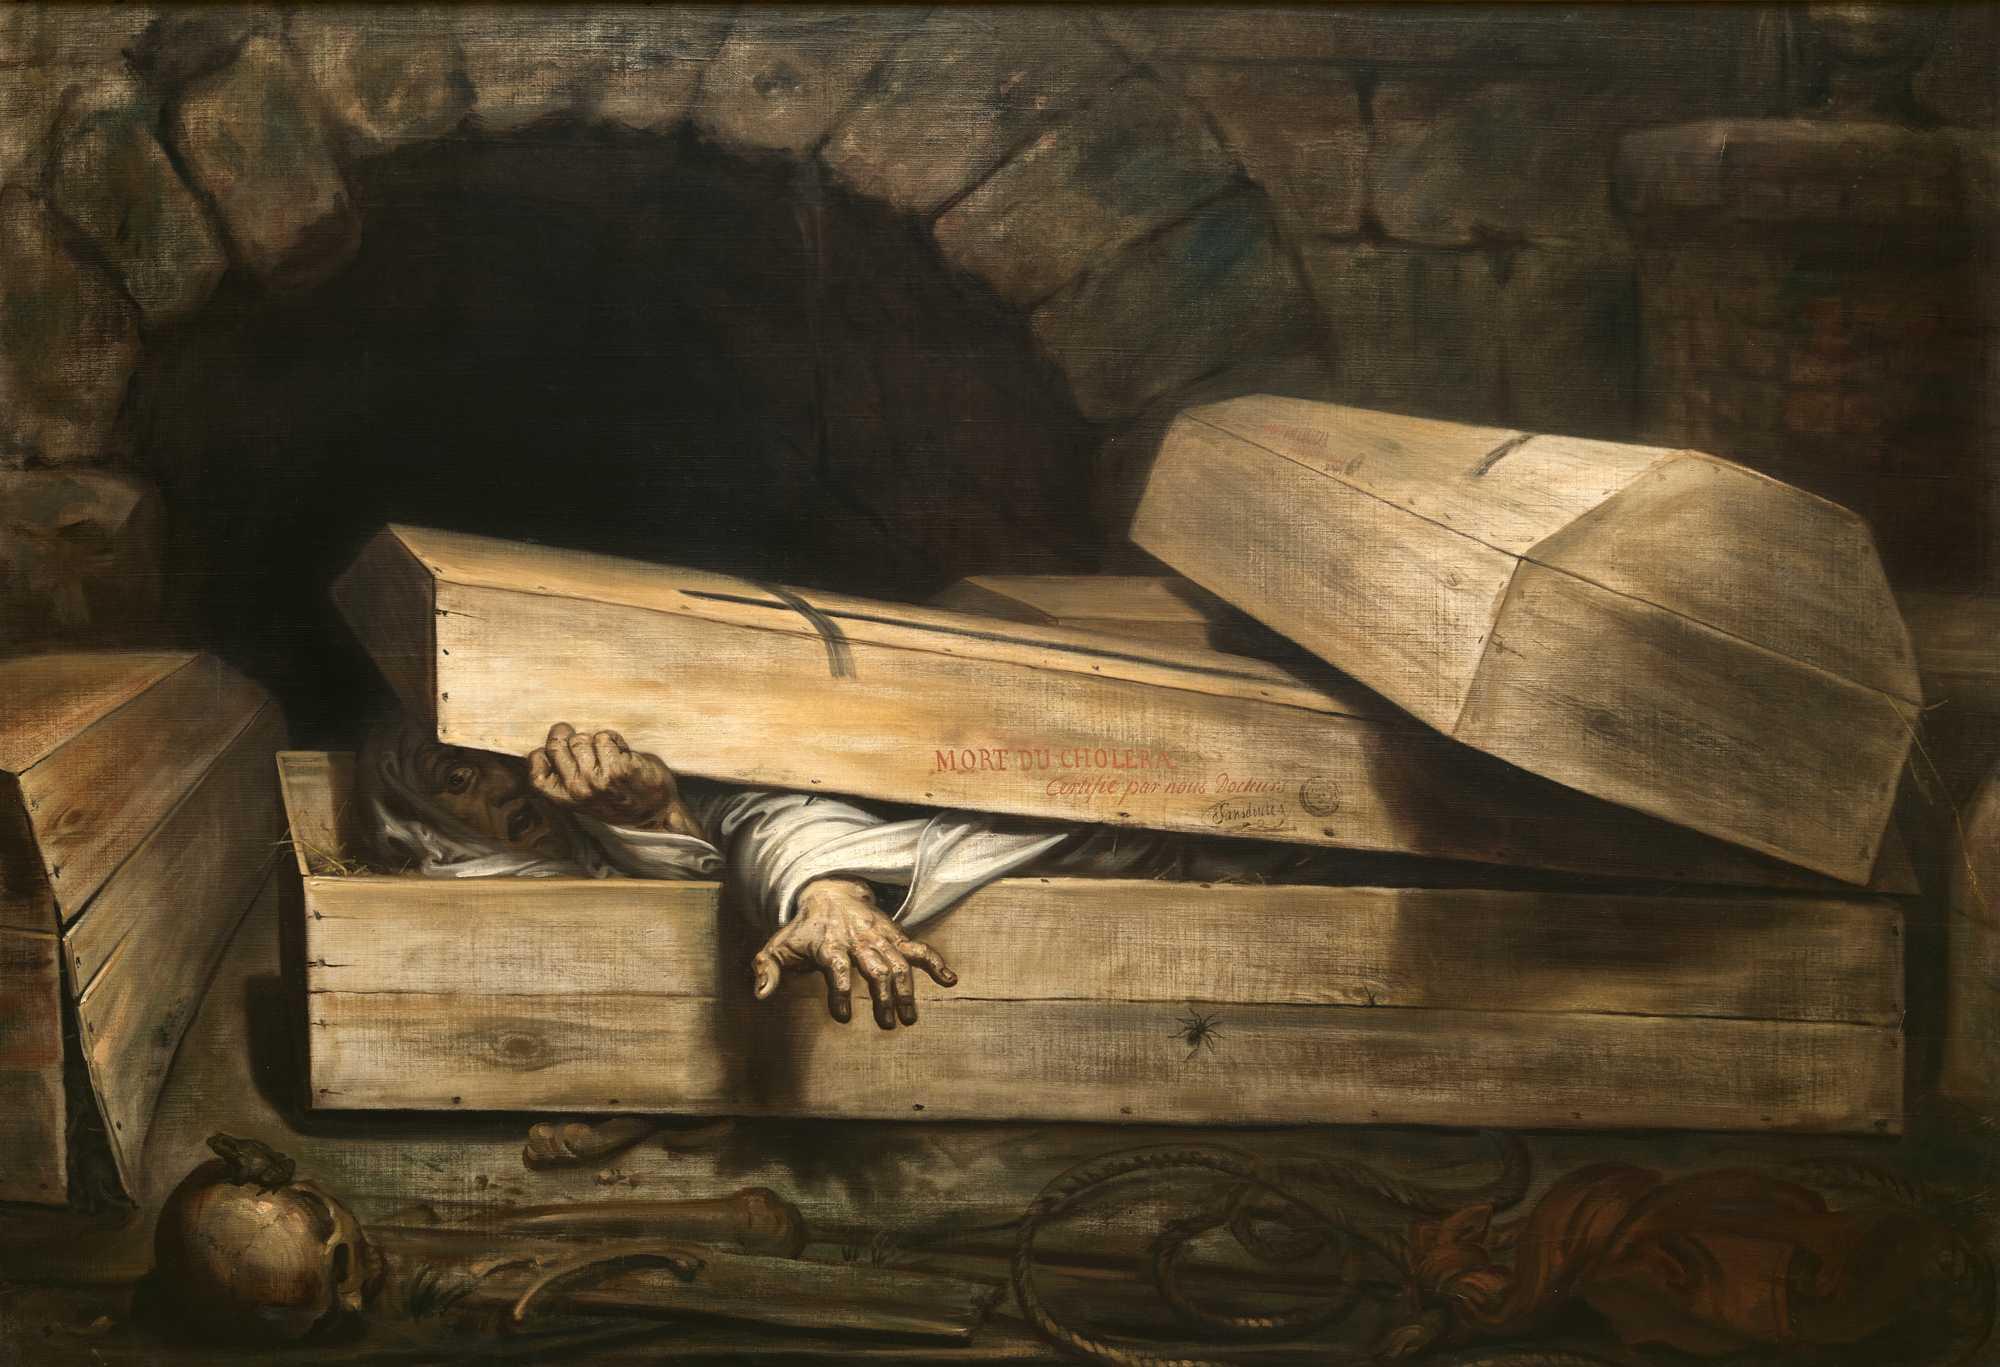 Depiction of Entierro prematuro